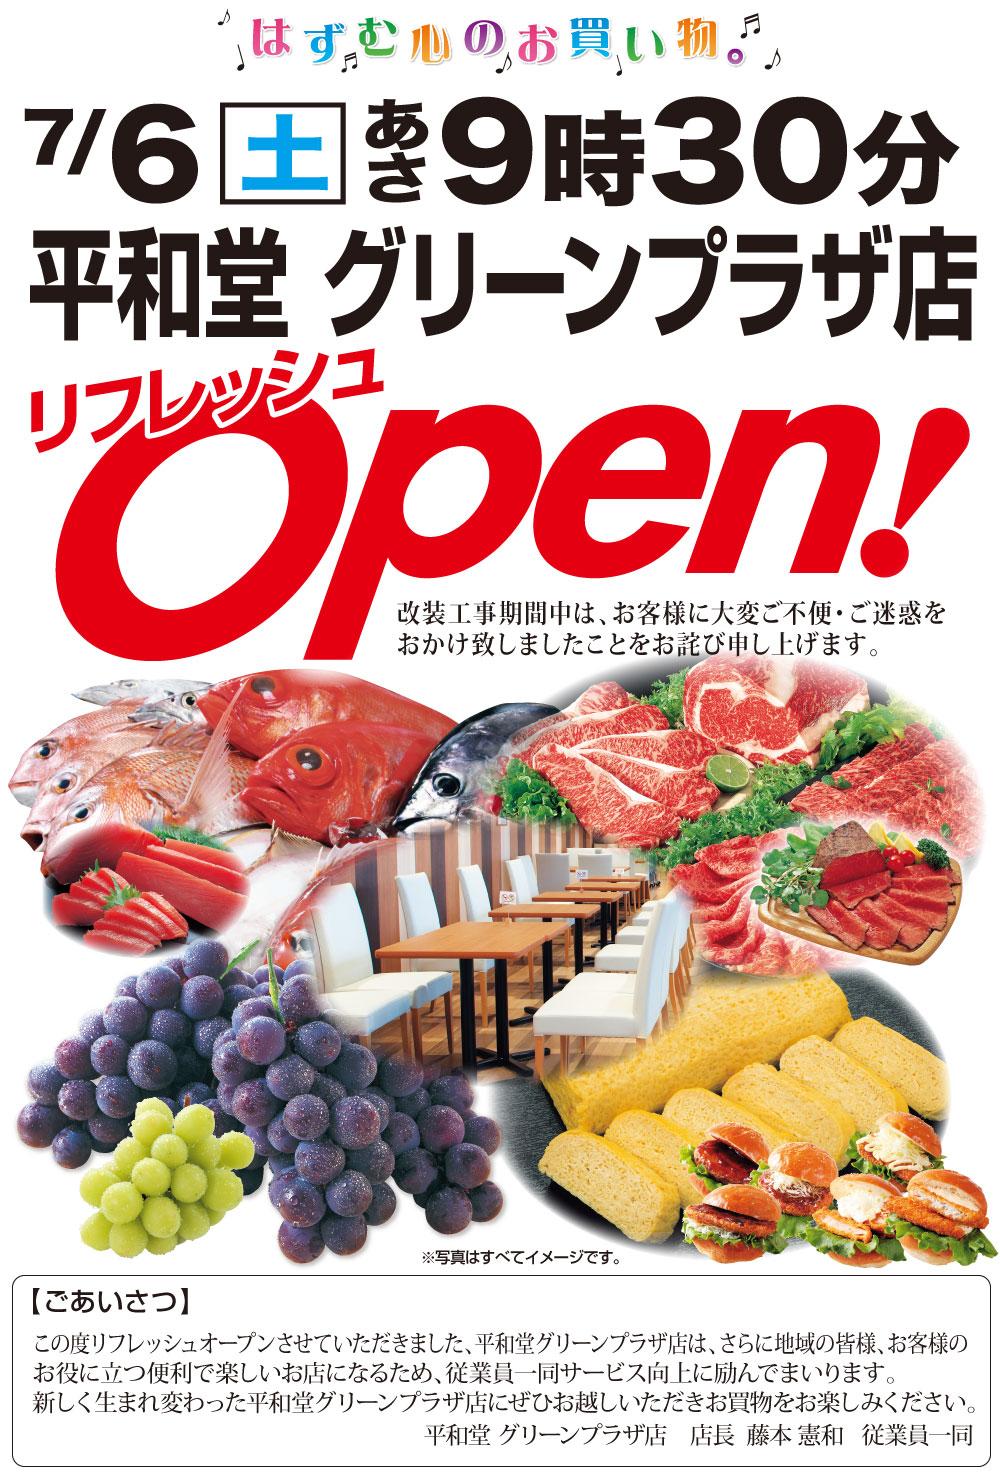 プラザ 平和堂 グリーン 「平和堂 グリーンプラザ店」(名古屋市緑区